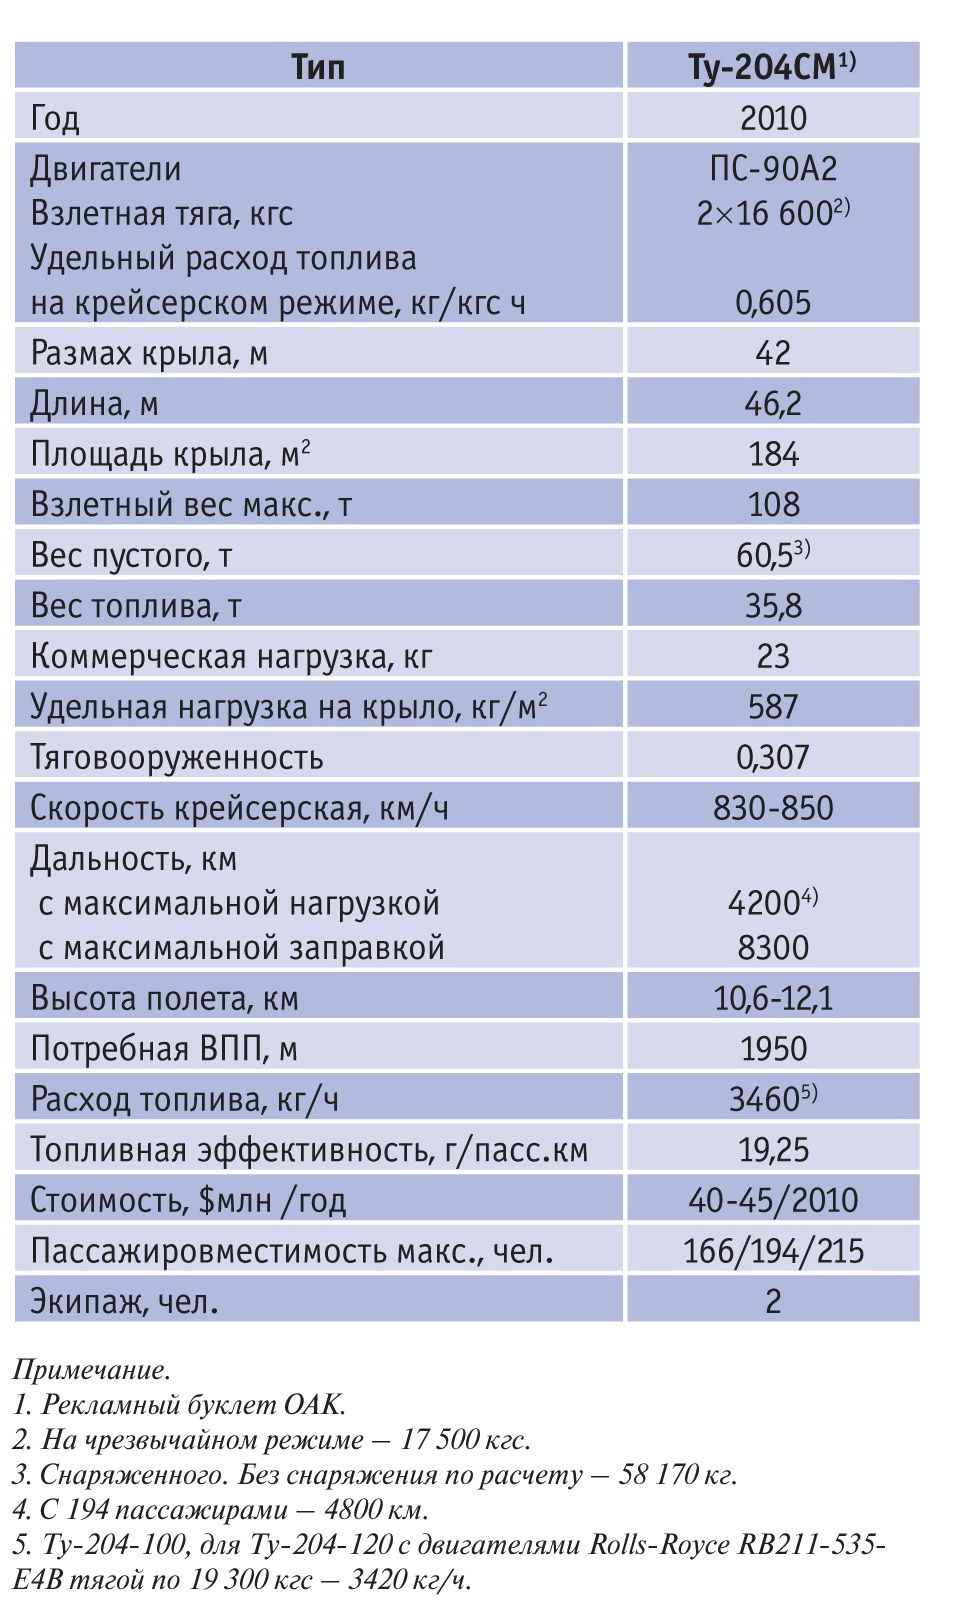 При взгляде на параметры машины бросается в глаза (со ссылкой на рекламный  буклет ОАК), что вес пустого Ту-204СМ вместо облегчения возрос на 1700 кг. d016e159b2f